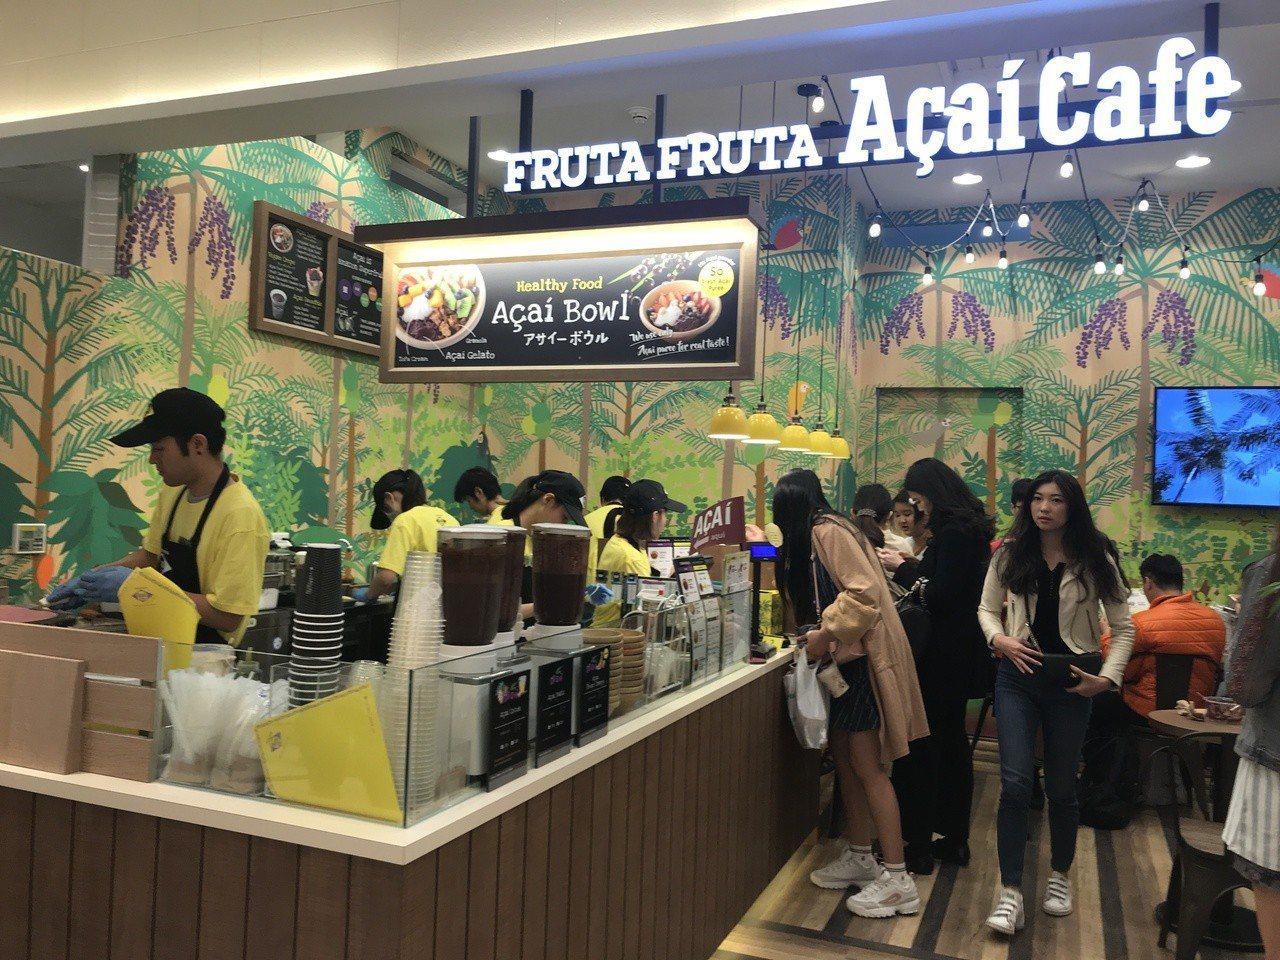 微風南山atré 3樓—FRUTA FRUTA Açaí Cafe。記者江佩君/...